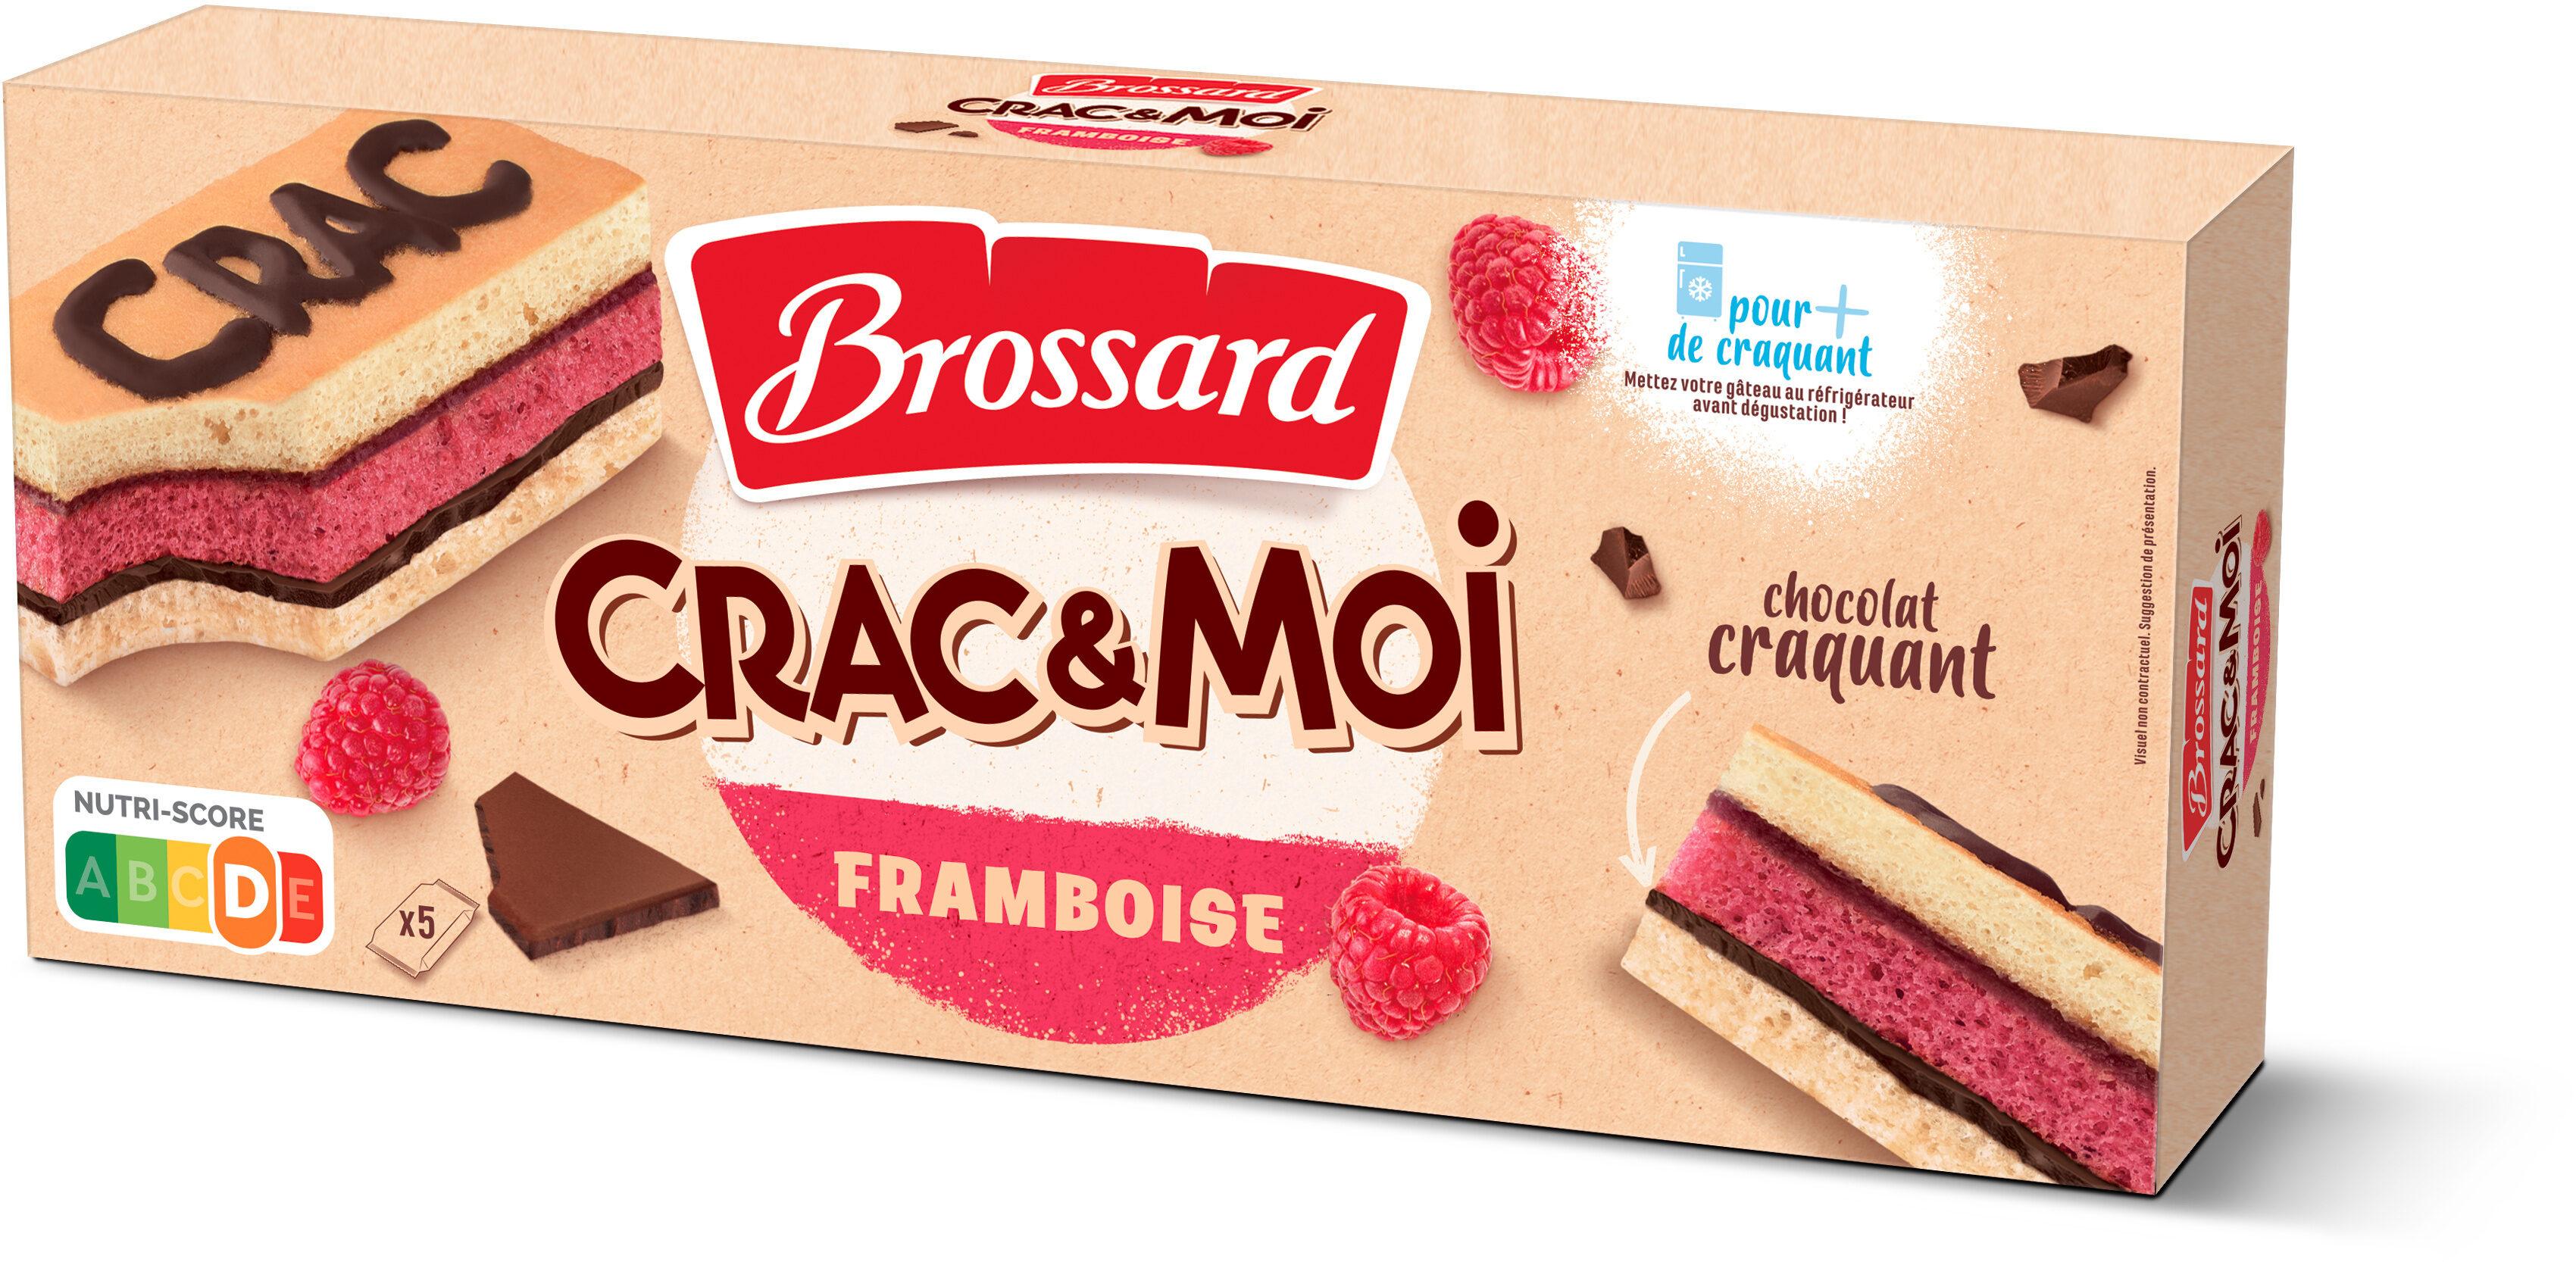 Crac&moi framboise x5 - Product - fr